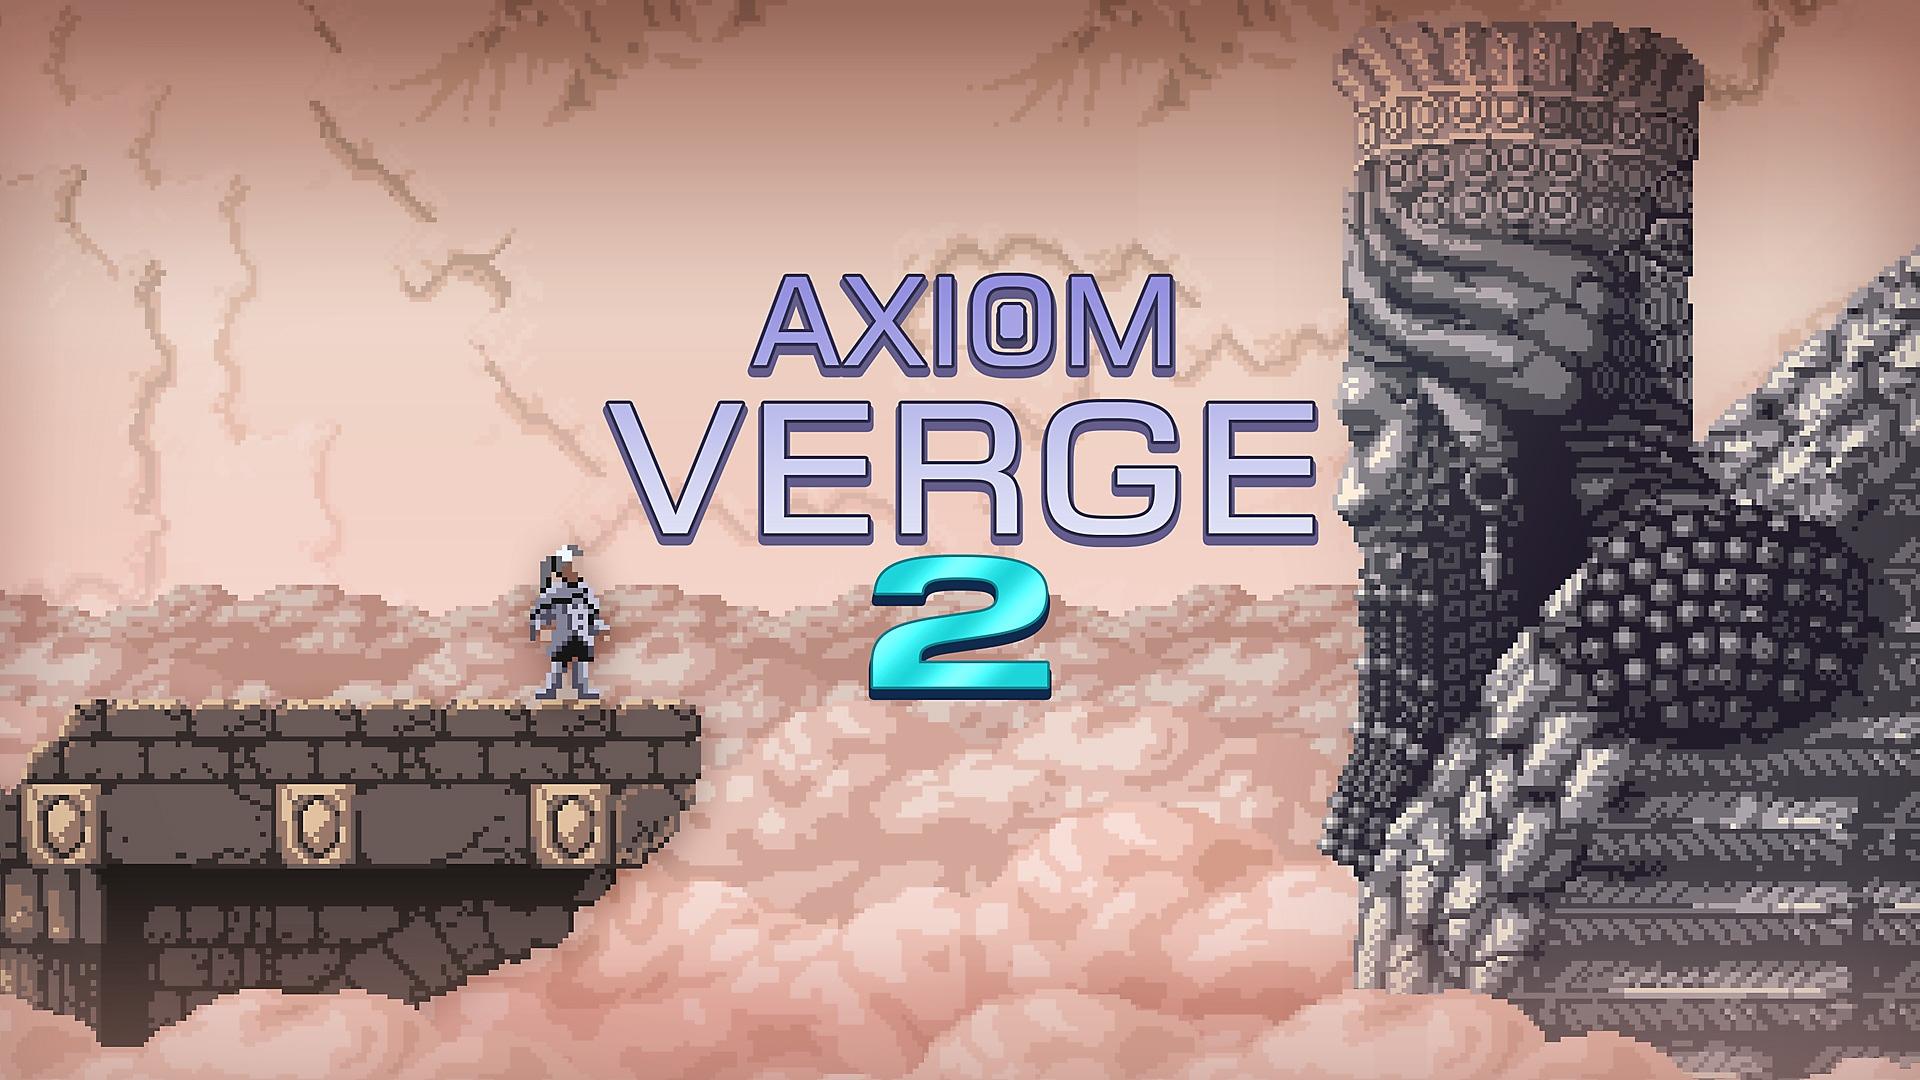 Axiom Verge 2 - Breach Gameplay Trailer | PS5, PS4